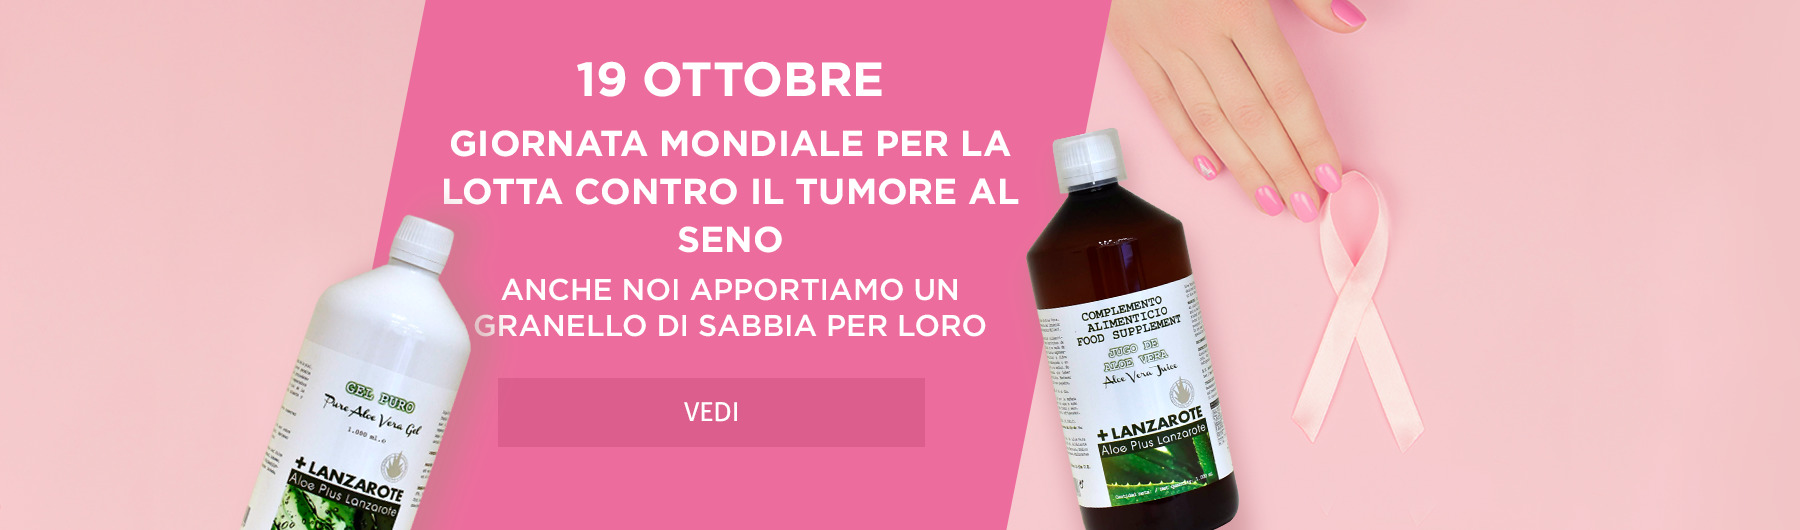 19 ottobre – Giornata Mondiale per la Lotta contro il Tumore al Seno